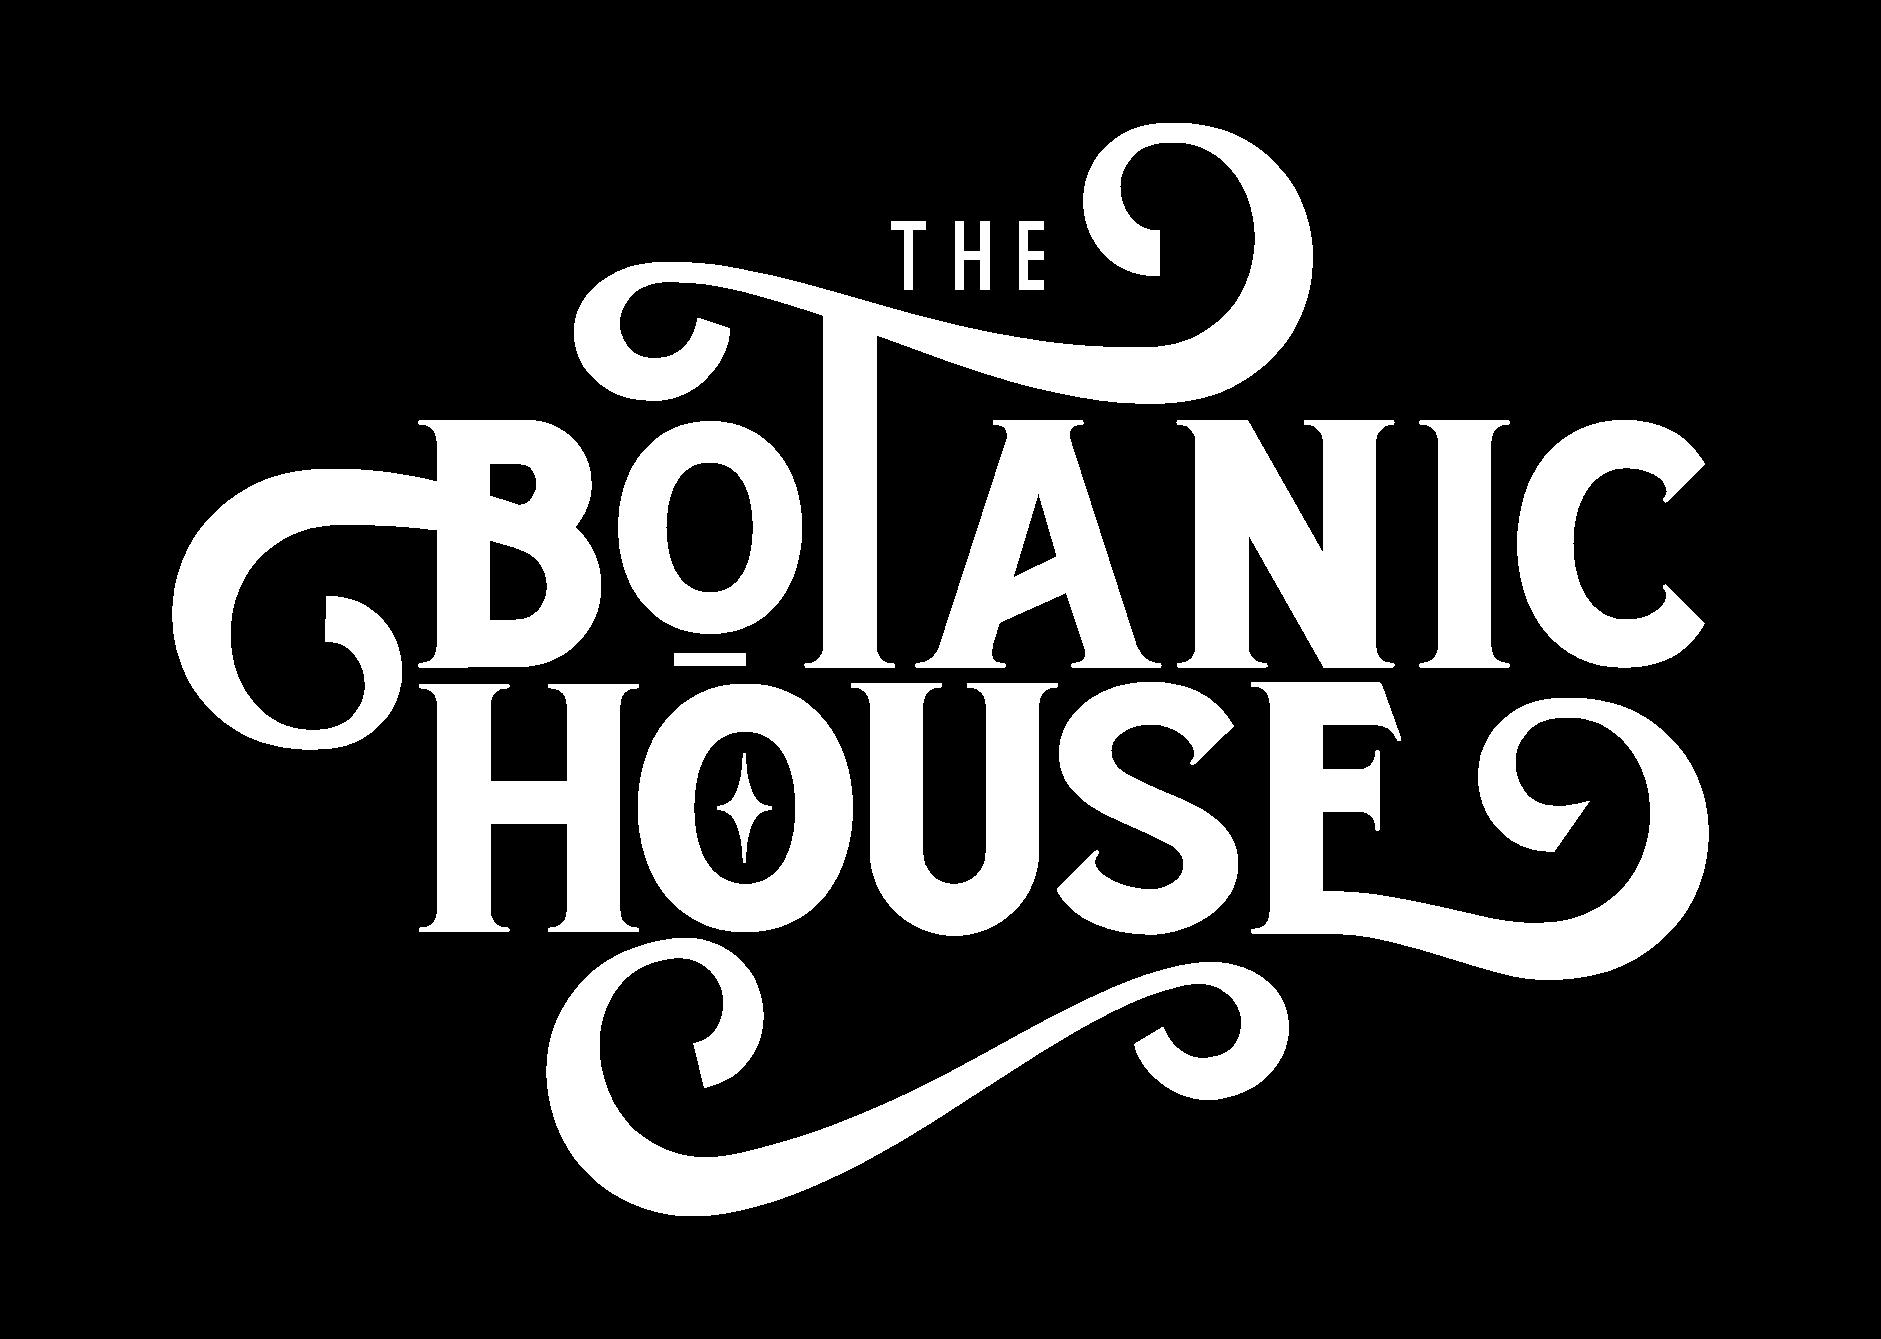 The Botanic House